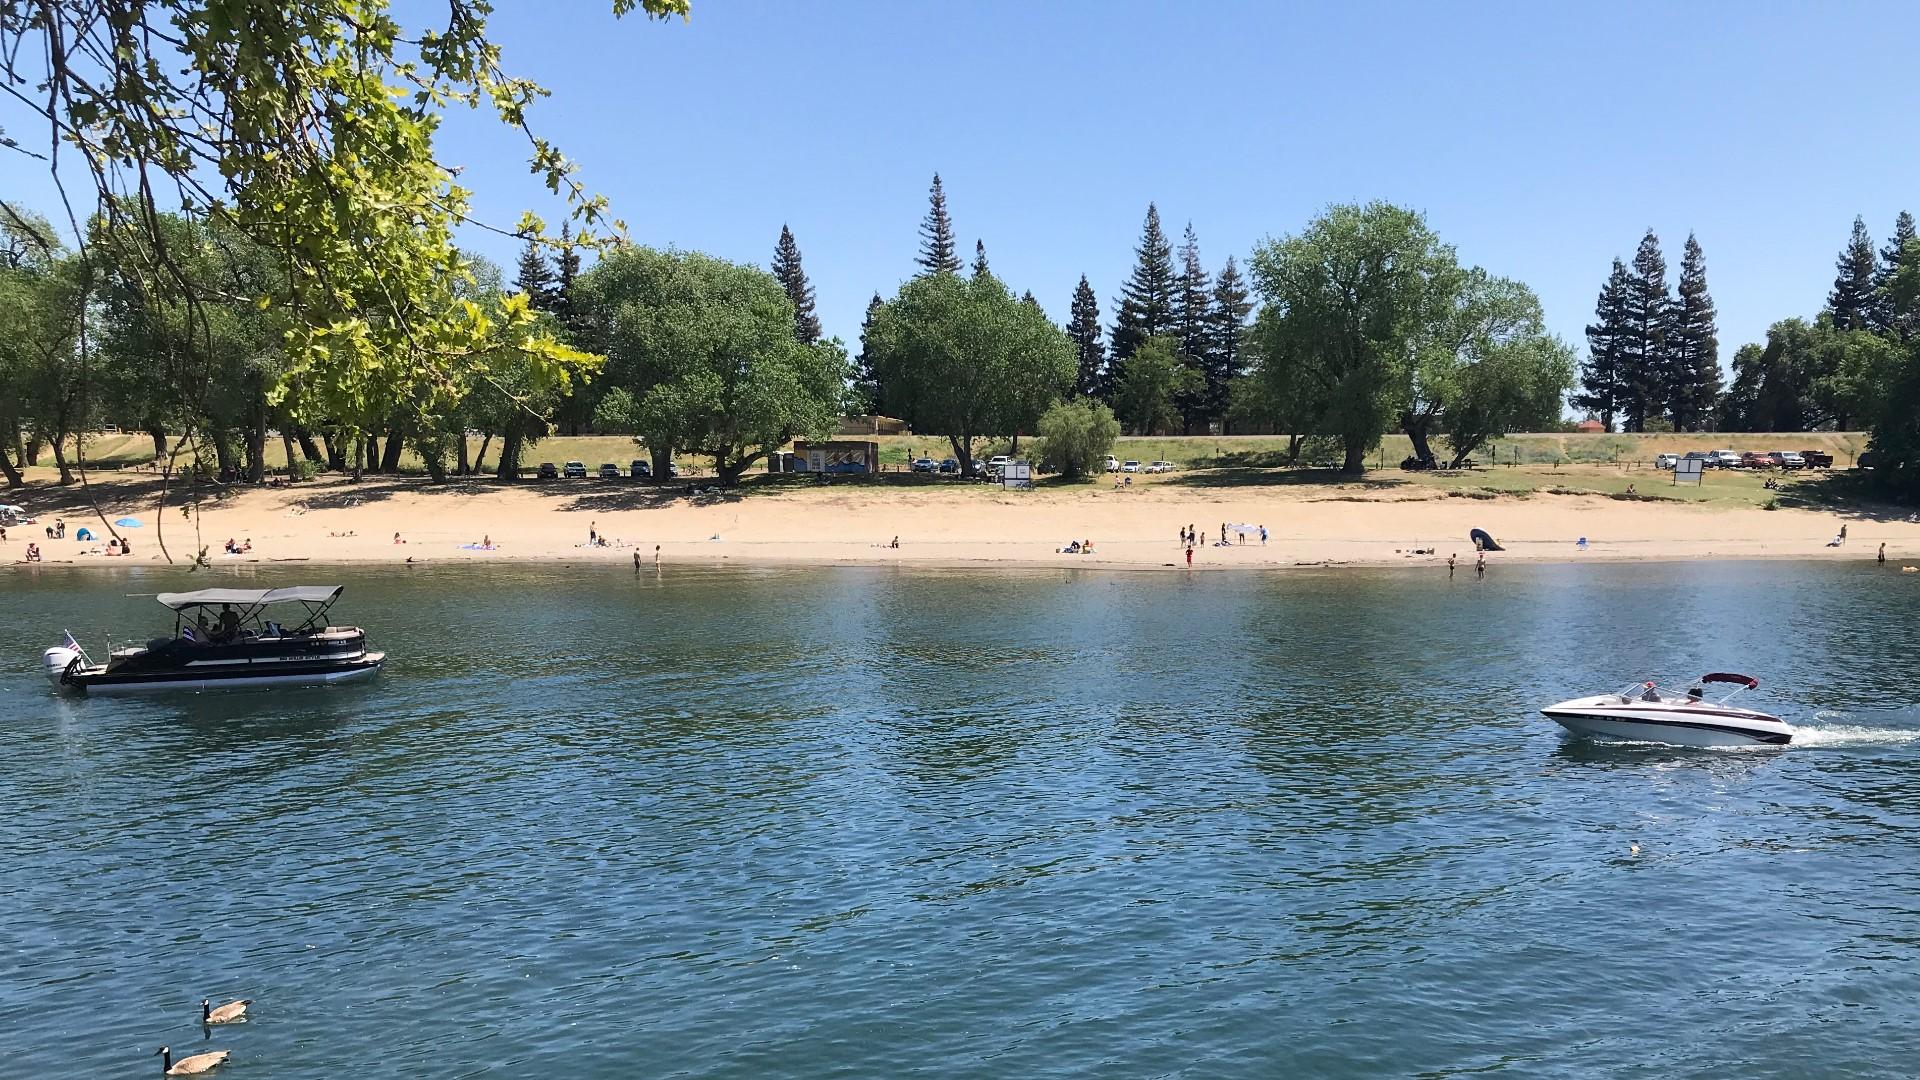 Halloween Sacramento Folsom 2020 Crowds expected at rivers Memorial Day despite coronavirus   abc10.com